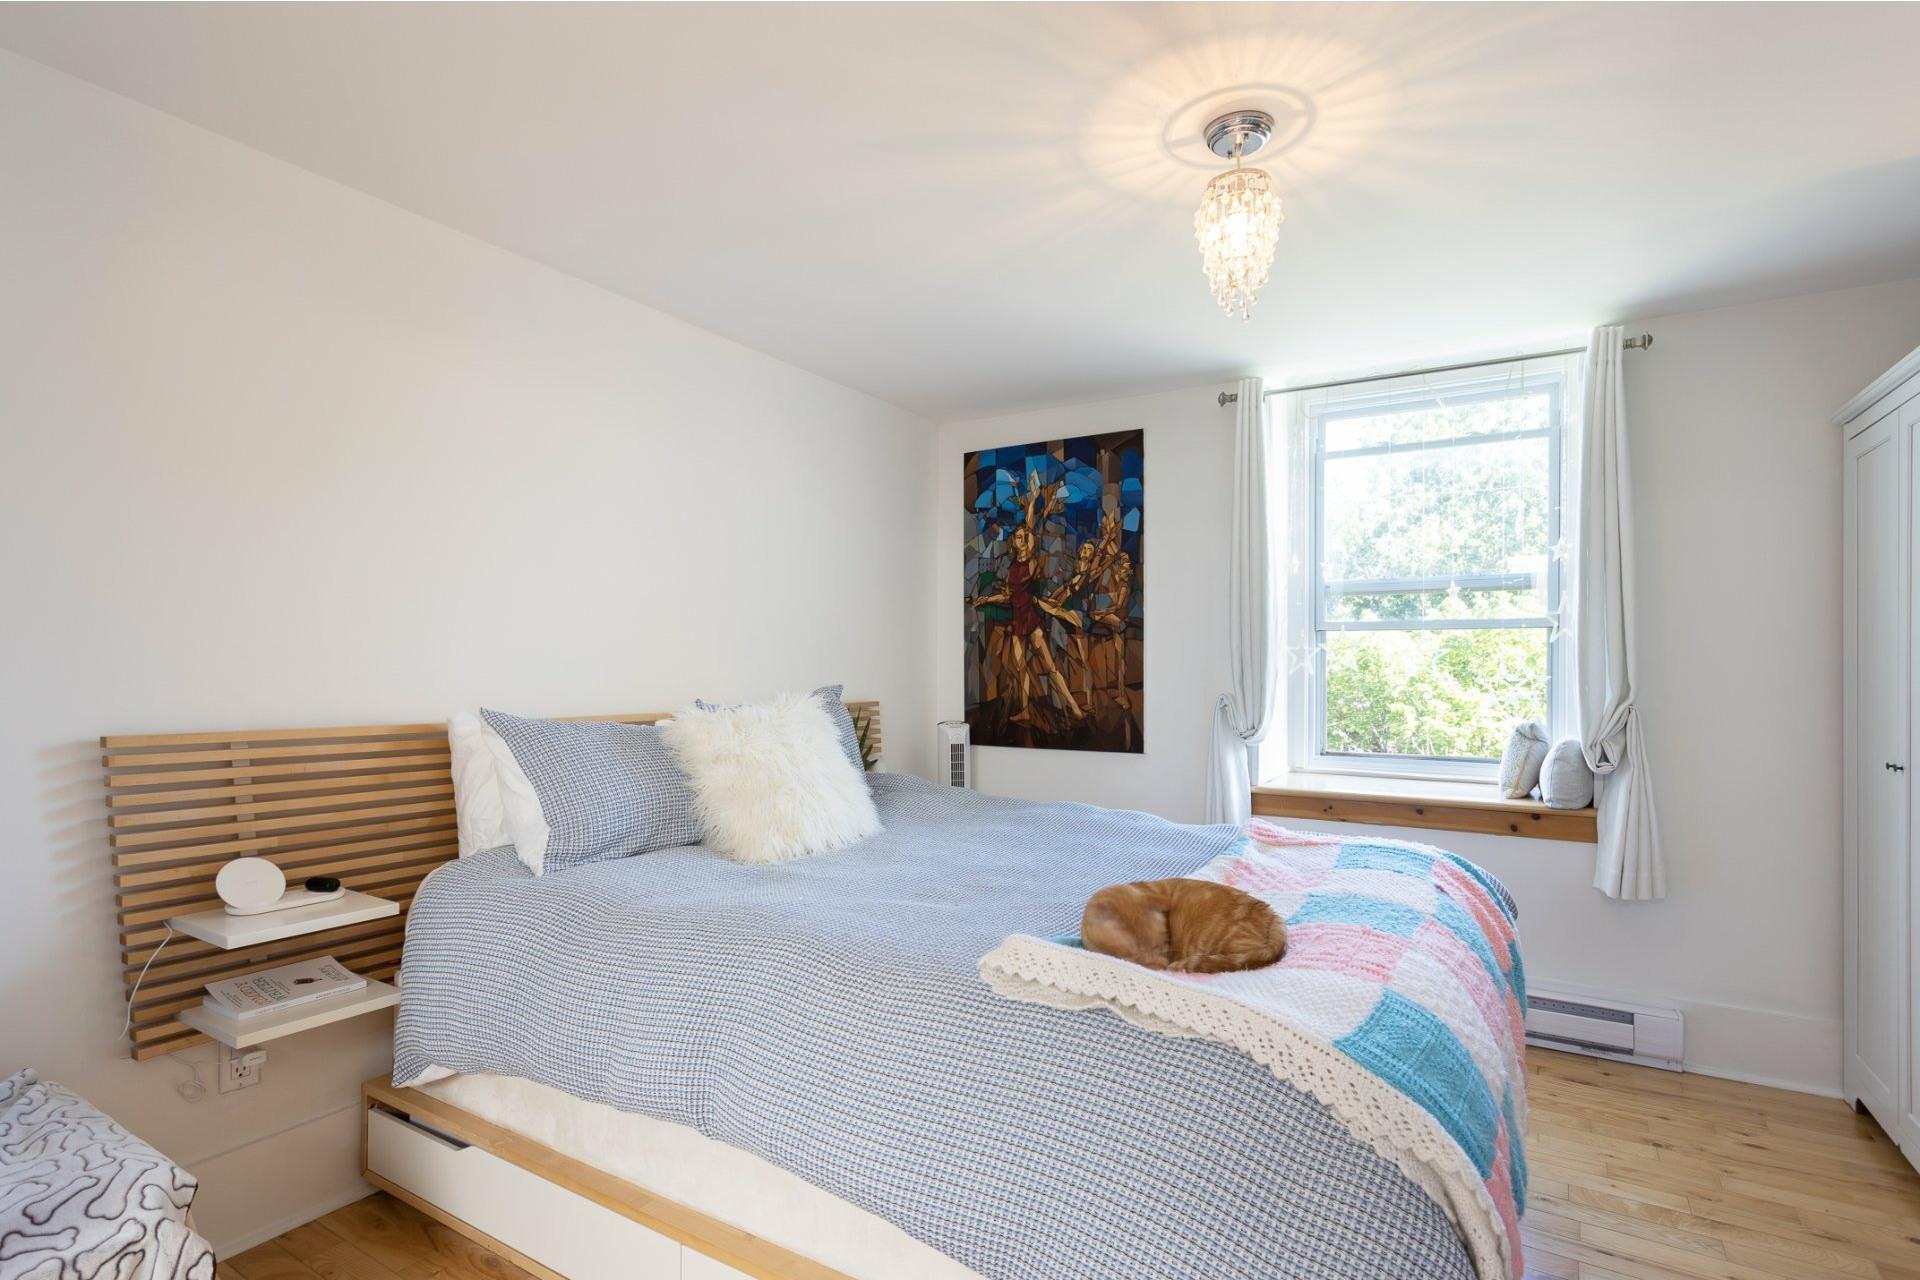 image 8 - Appartement À vendre Ville-Marie Montréal  - 5 pièces